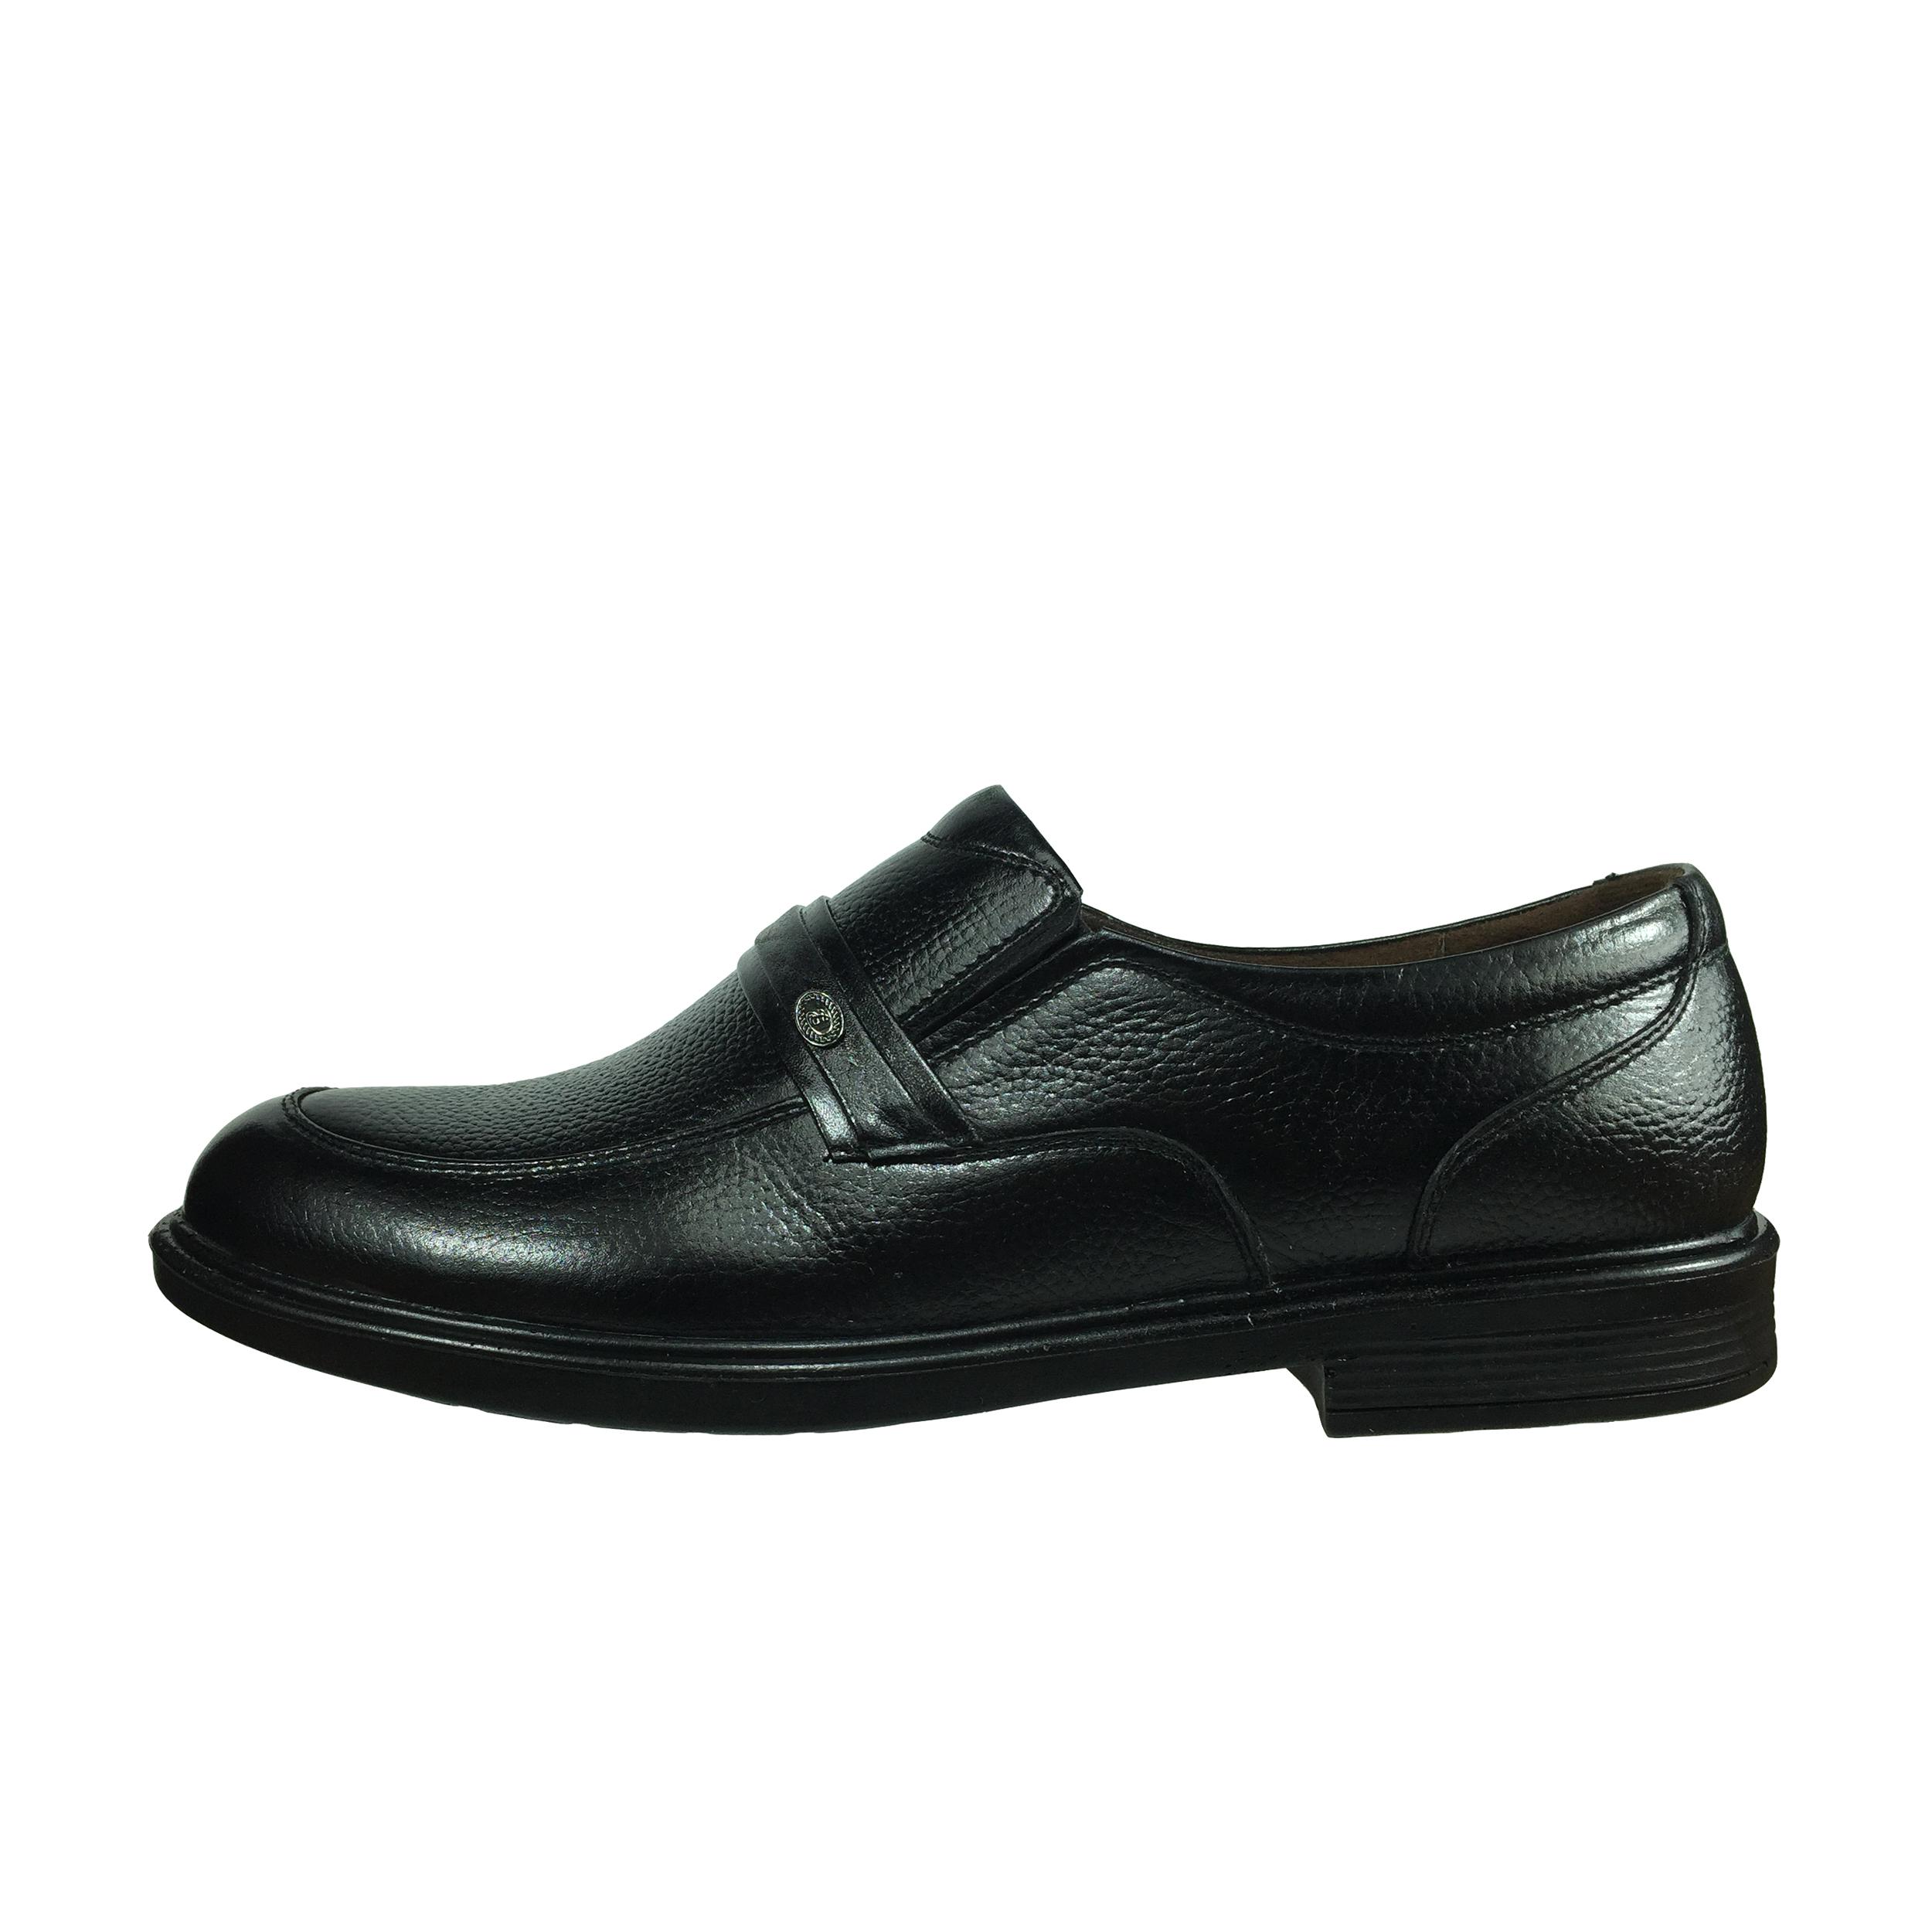 قیمت کفش مردانه پاریس جامه مدل B548 رنگ مشکی